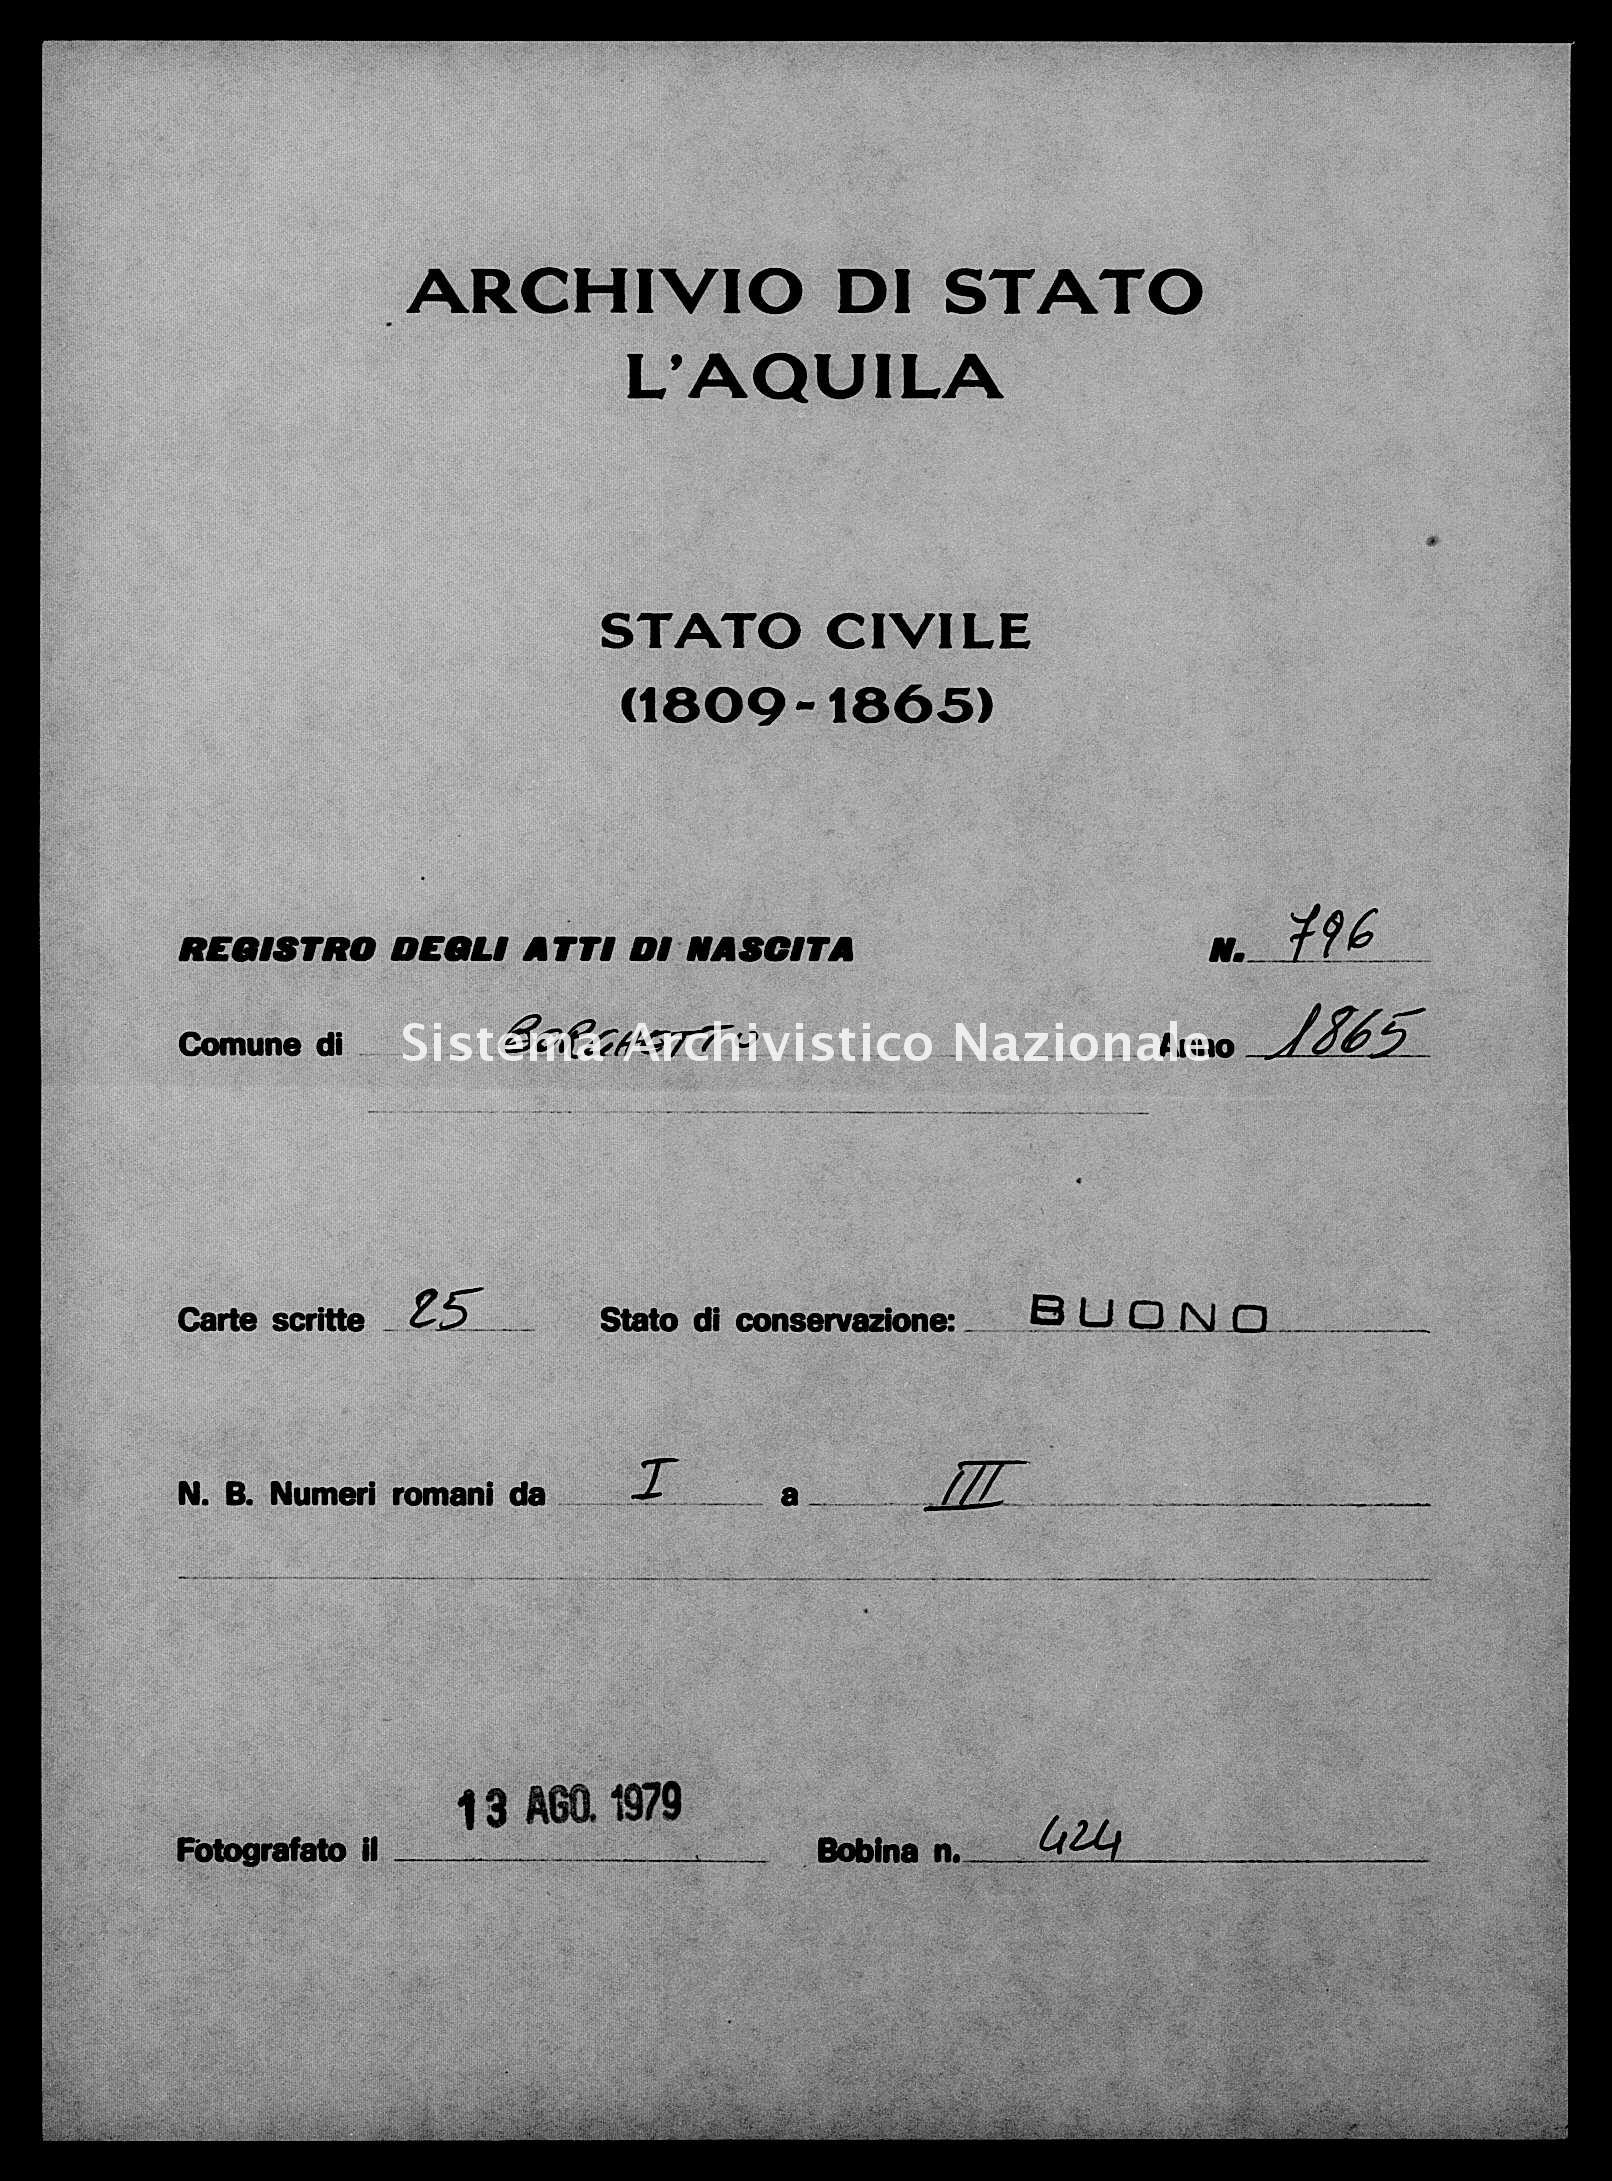 Archivio di stato di L'aquila - Stato civile italiano - Borgo Velino - Nati - 1865 - 796 -